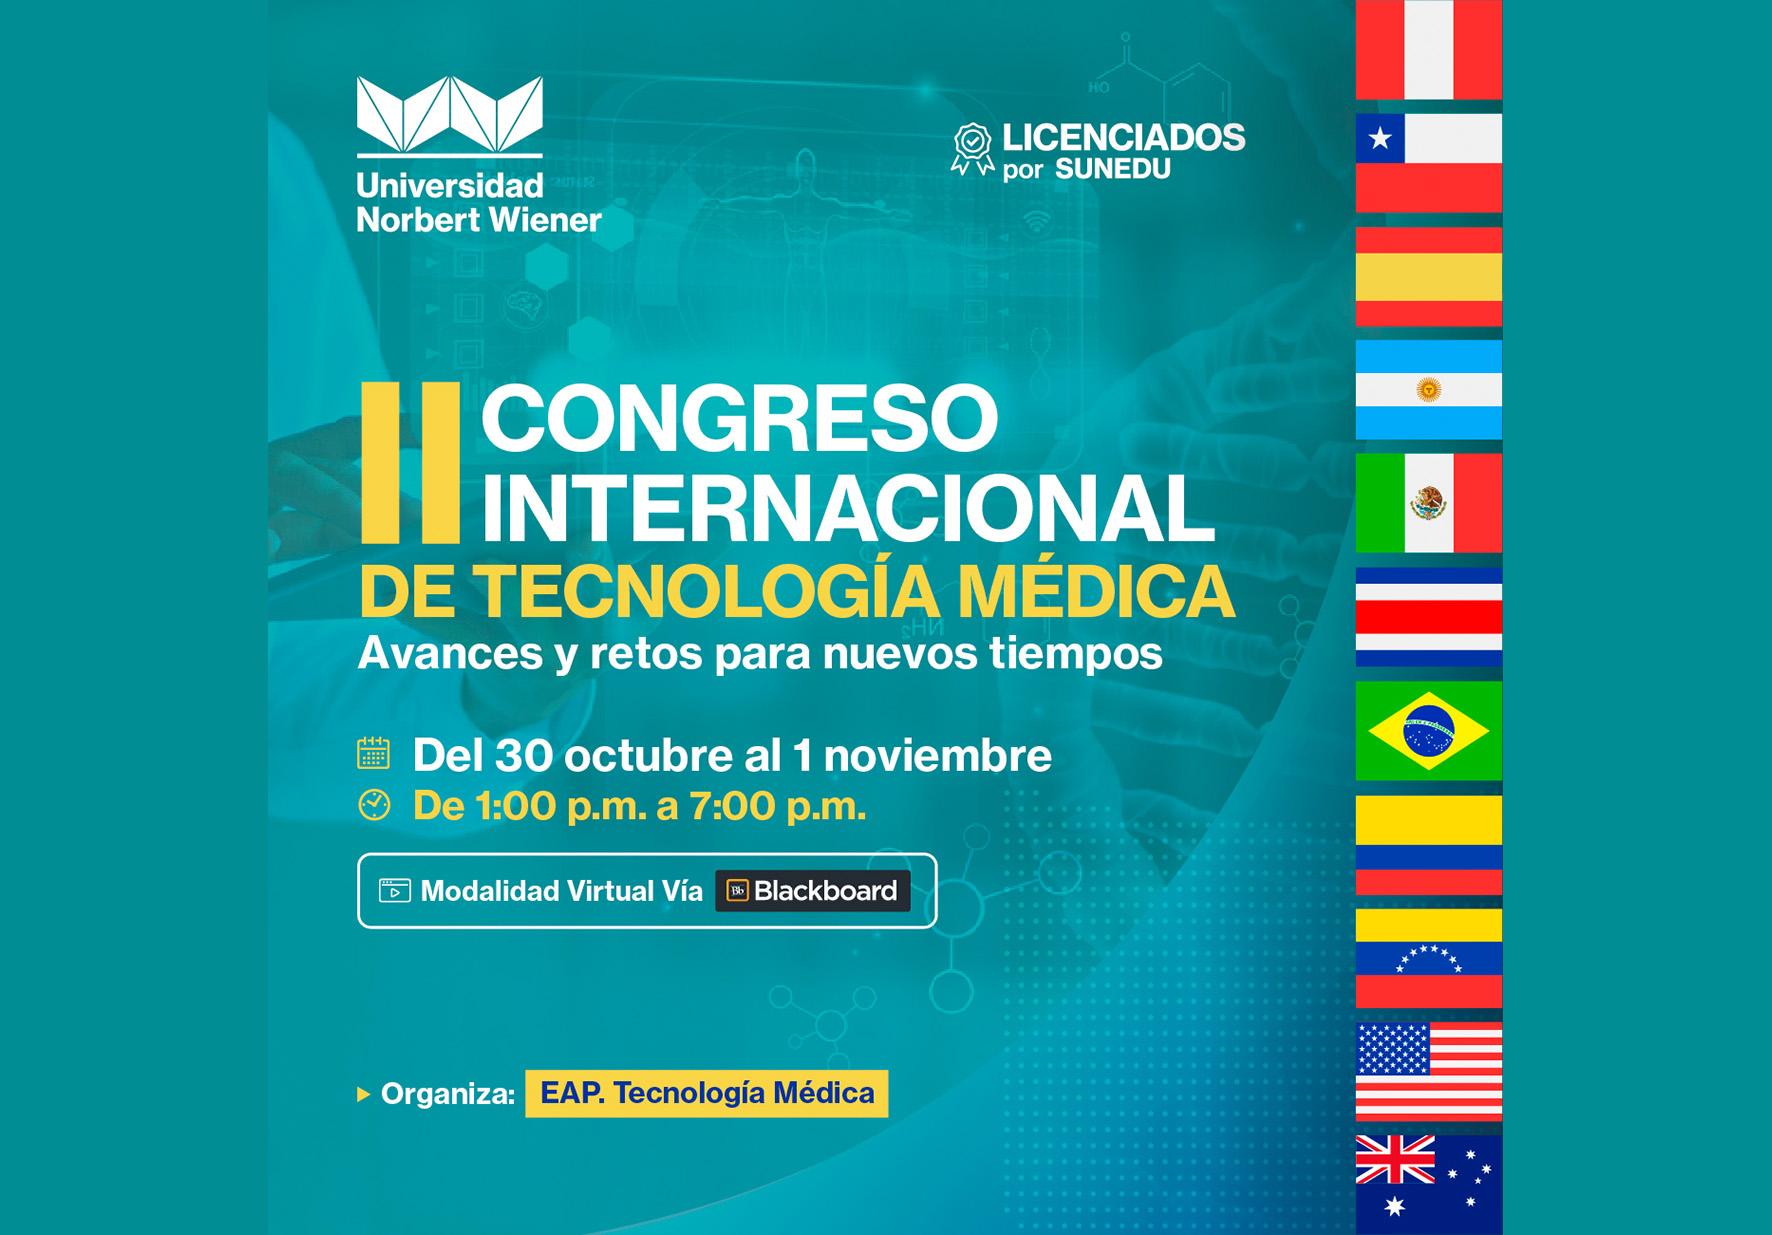 EAP DE TECNOLOGÍA MÉDICA DE LA UNIVERSIDAD NORBERT WIENER REALIZARÁ II CONGRESO INTERNACIONAL: AVANCES Y RETOS PARA NUEVOS TIEMPOS